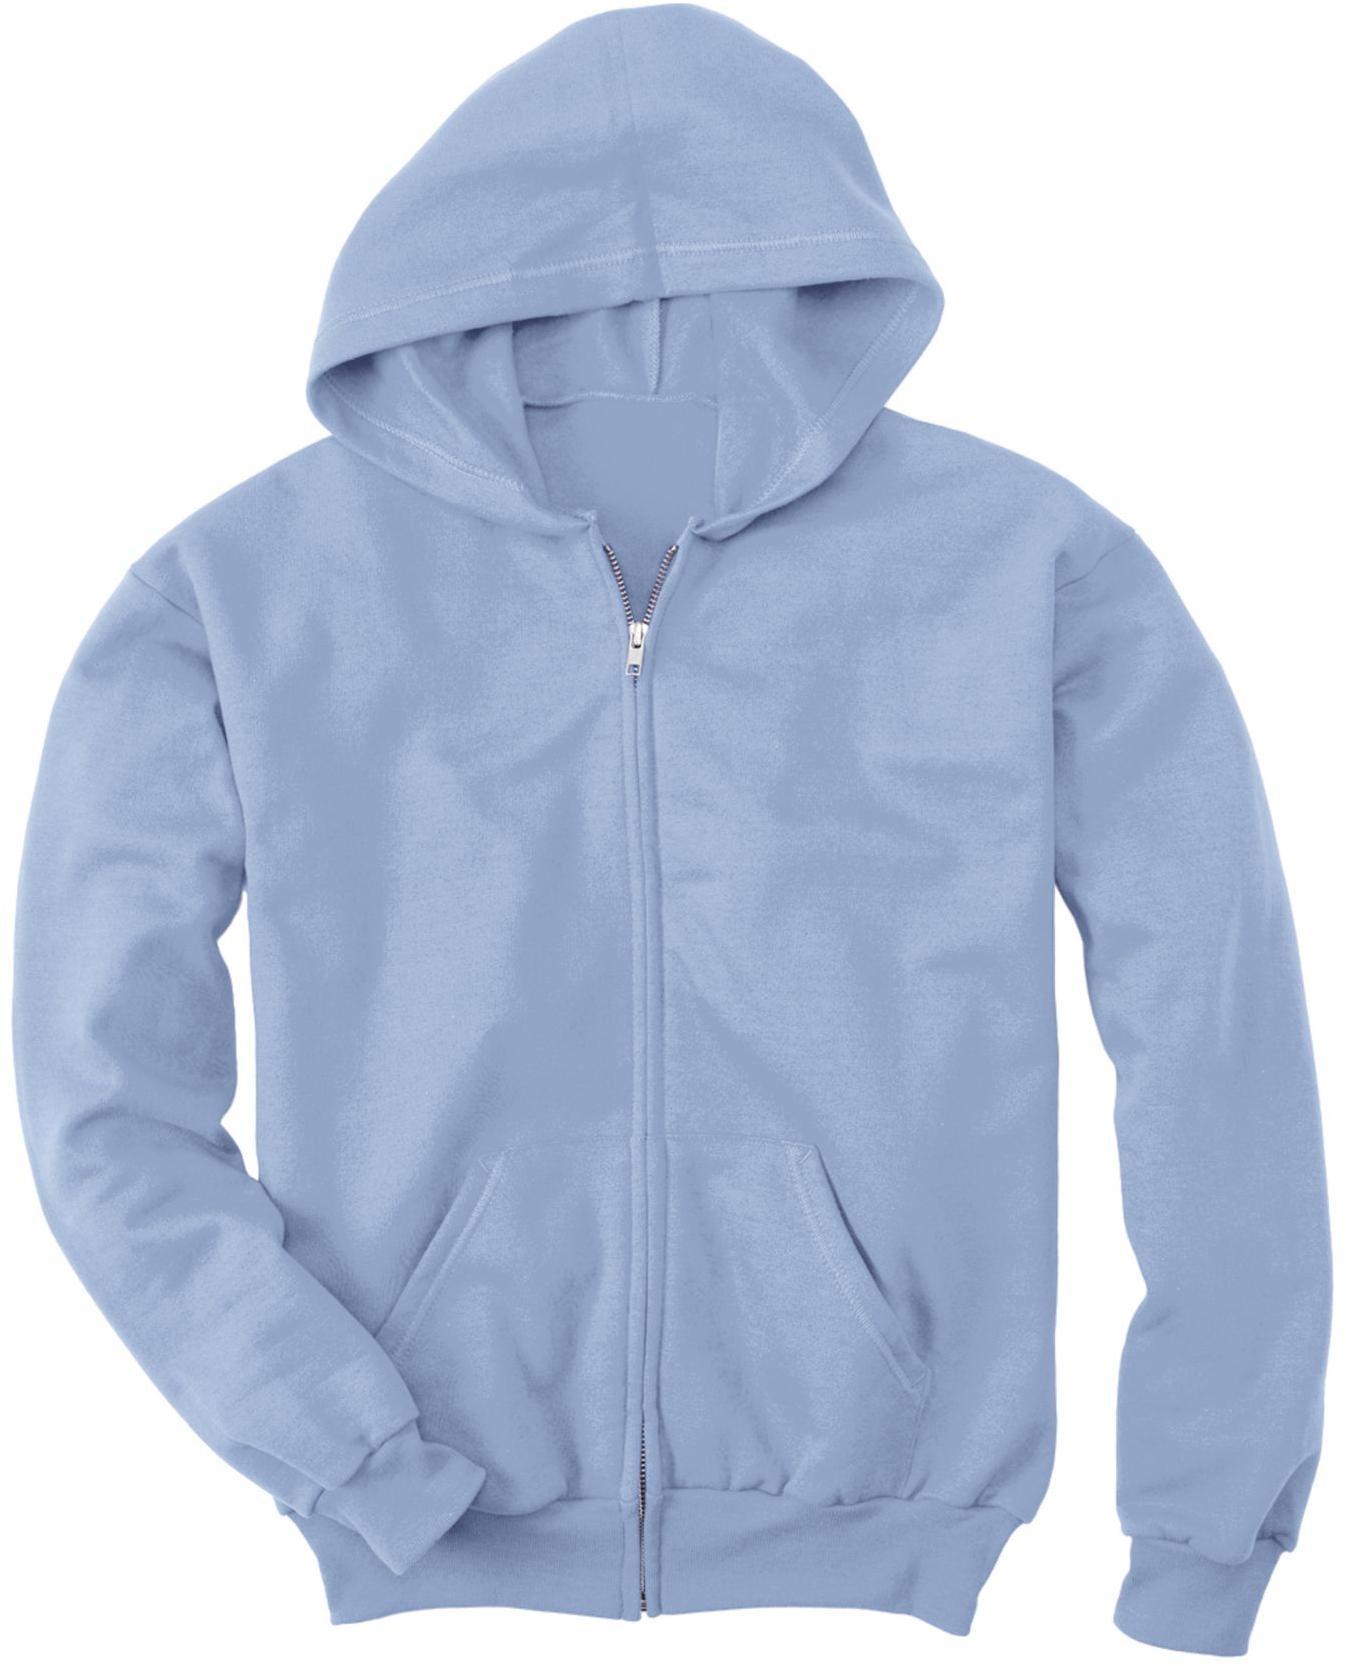 Hanes zip up hoodie